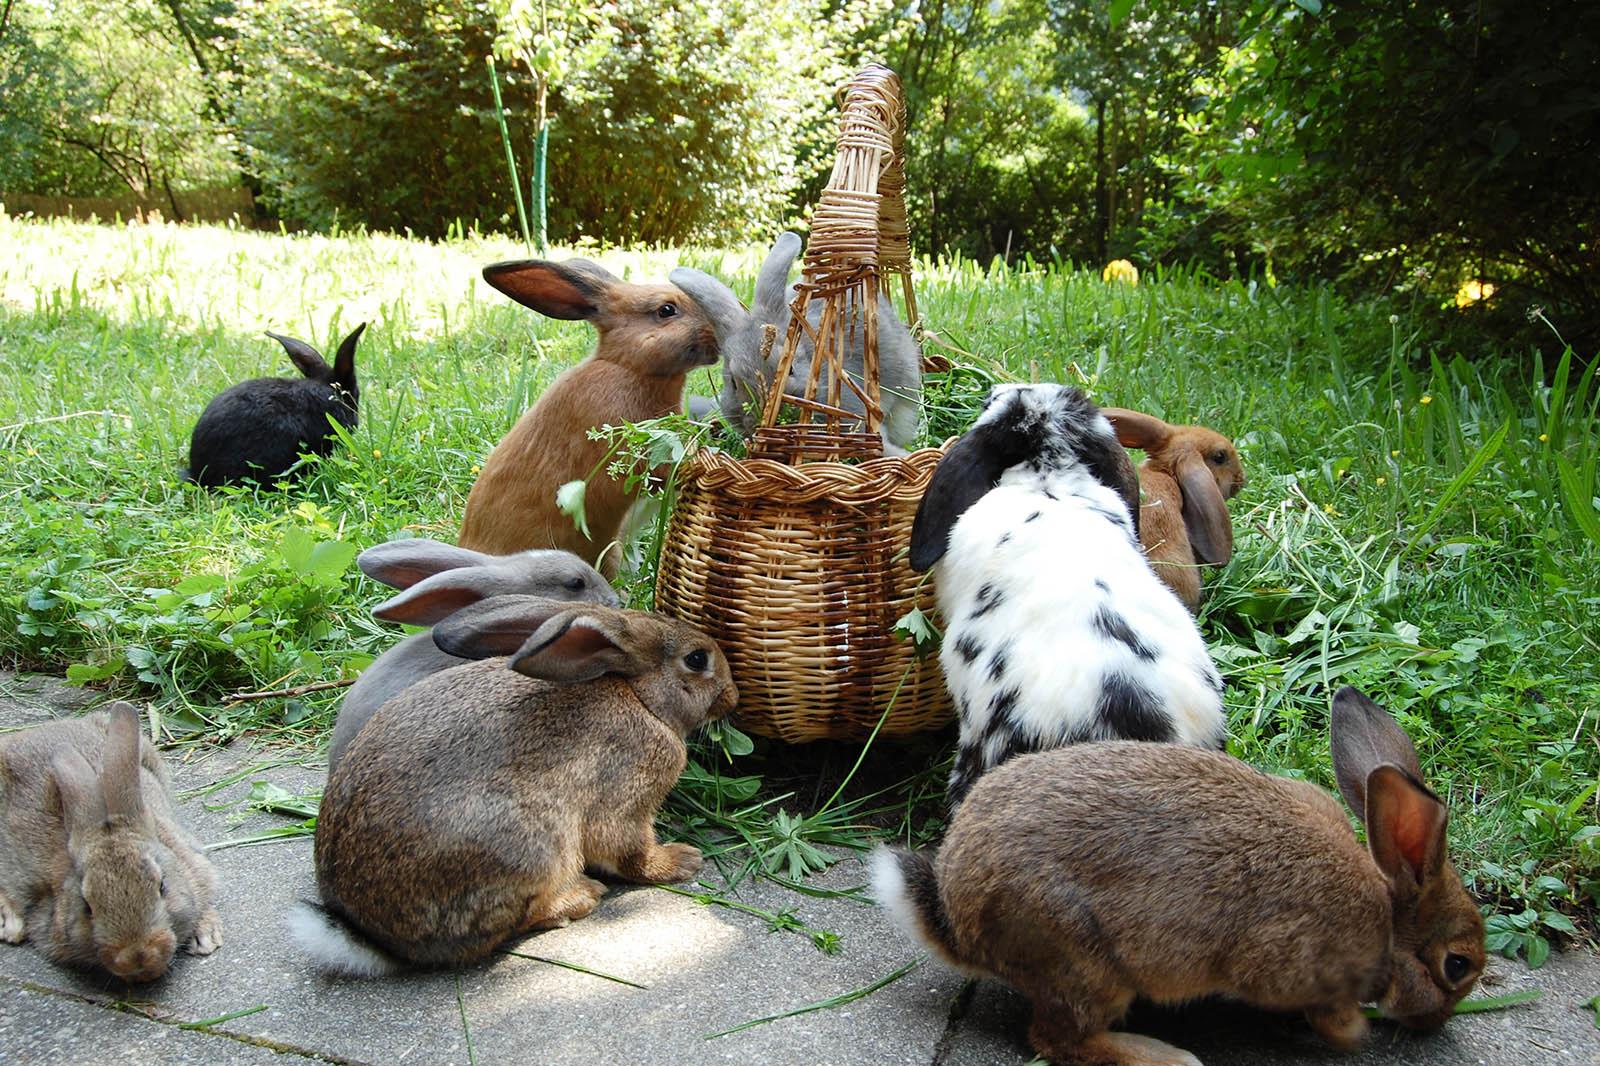 Kaninchenhaltung Wie Halte Ich Kaninchen Richtig